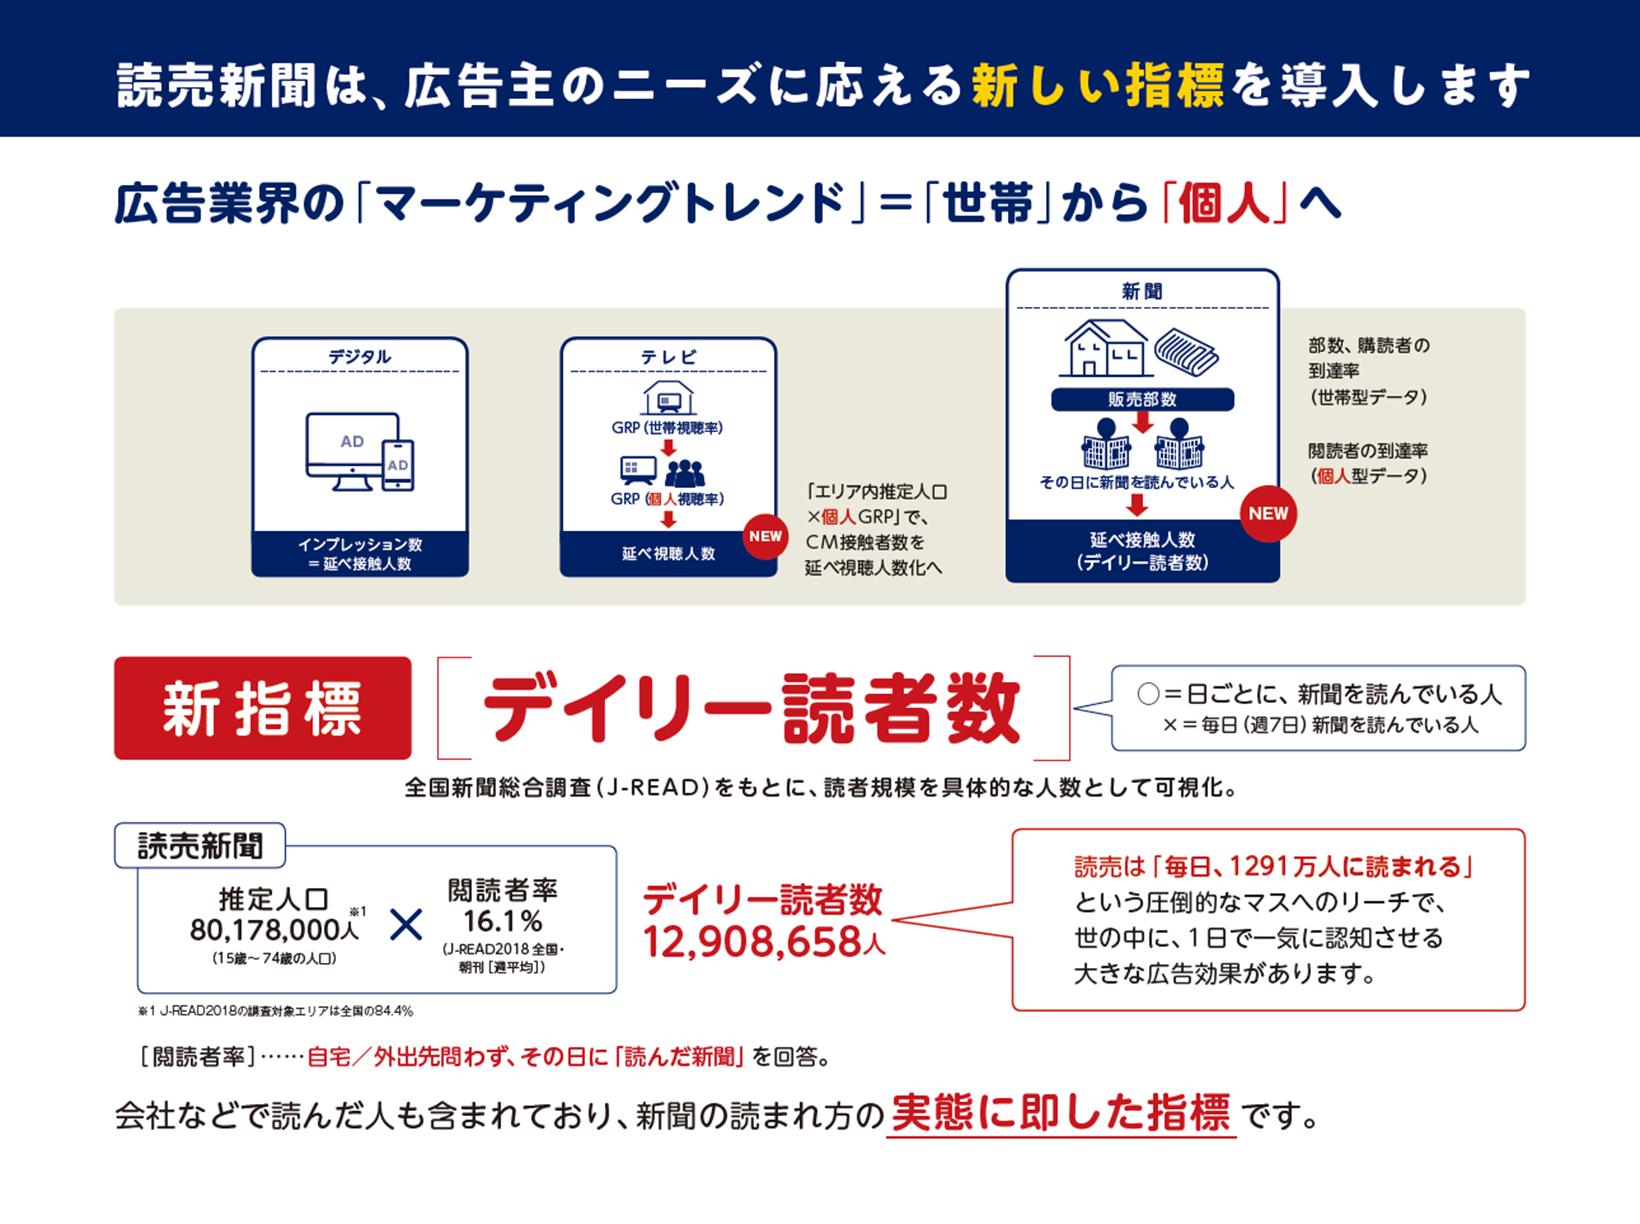 読売新聞広告局ポータルサイト adv.yomiuri